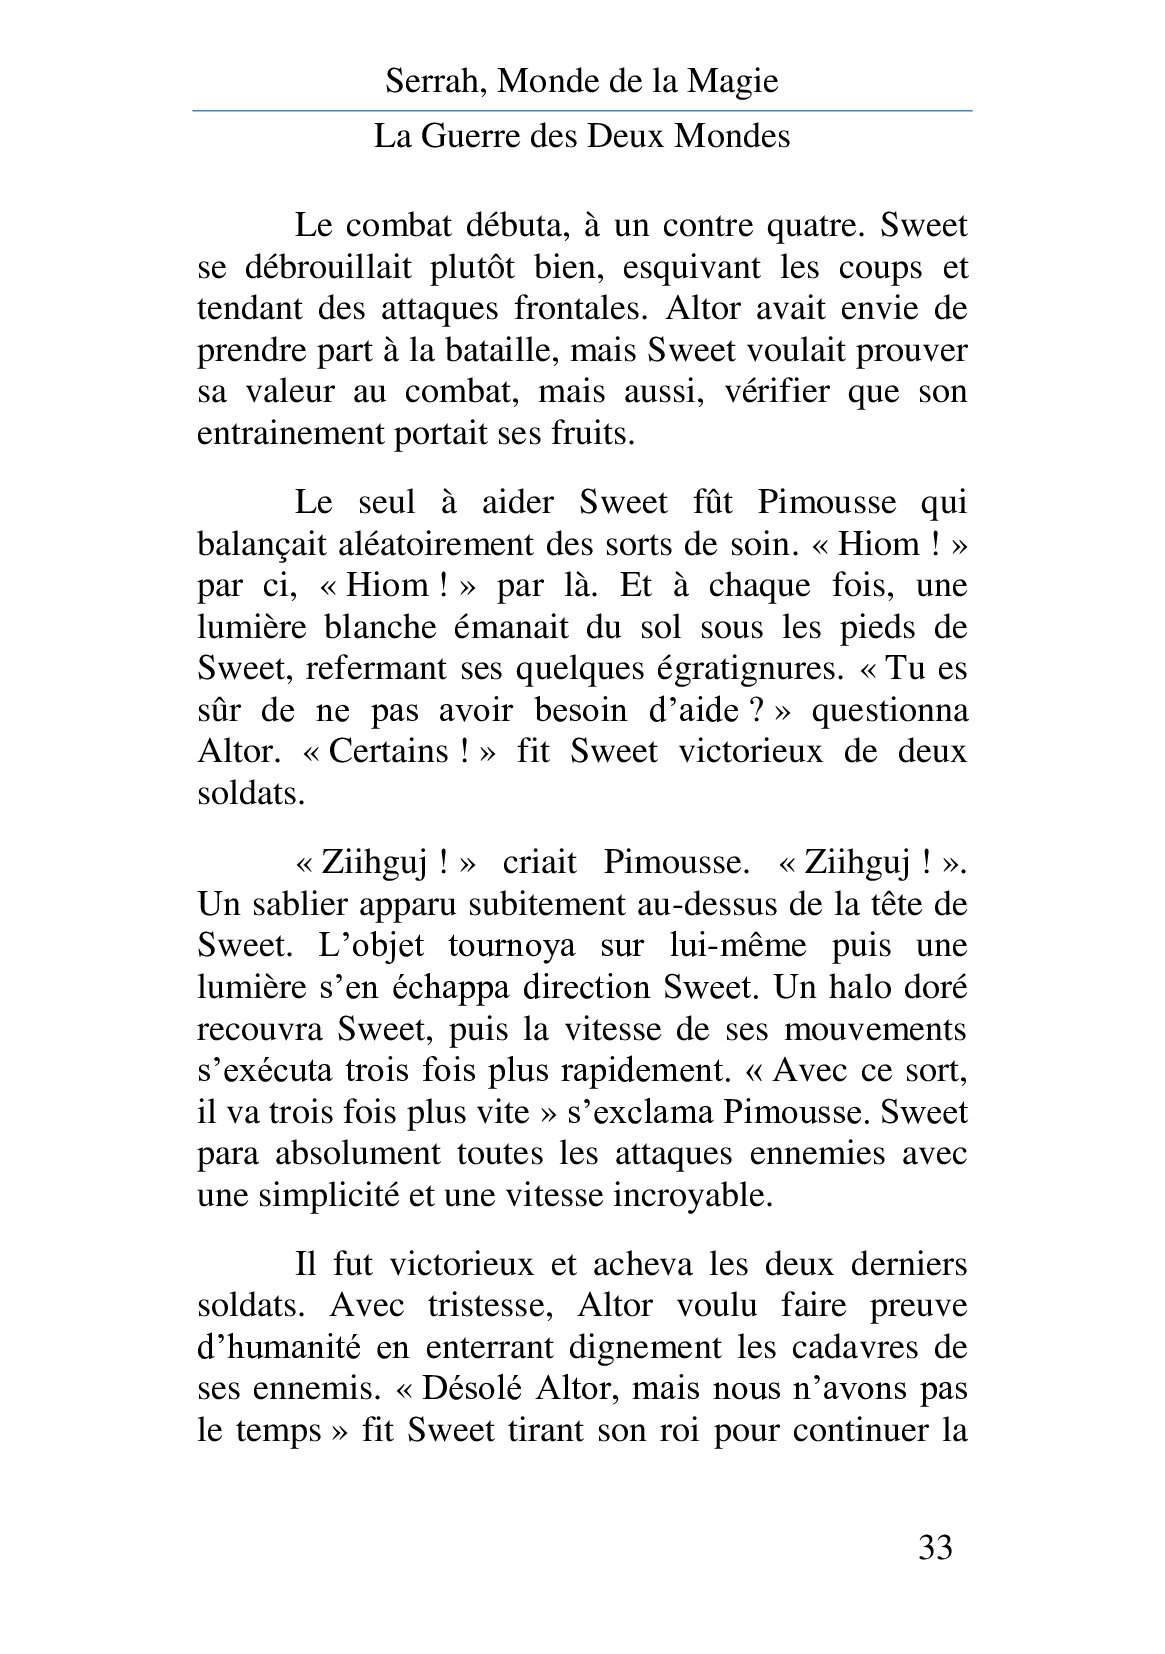 Chapitre 7 - Appel aux Renforts 200428084129169657